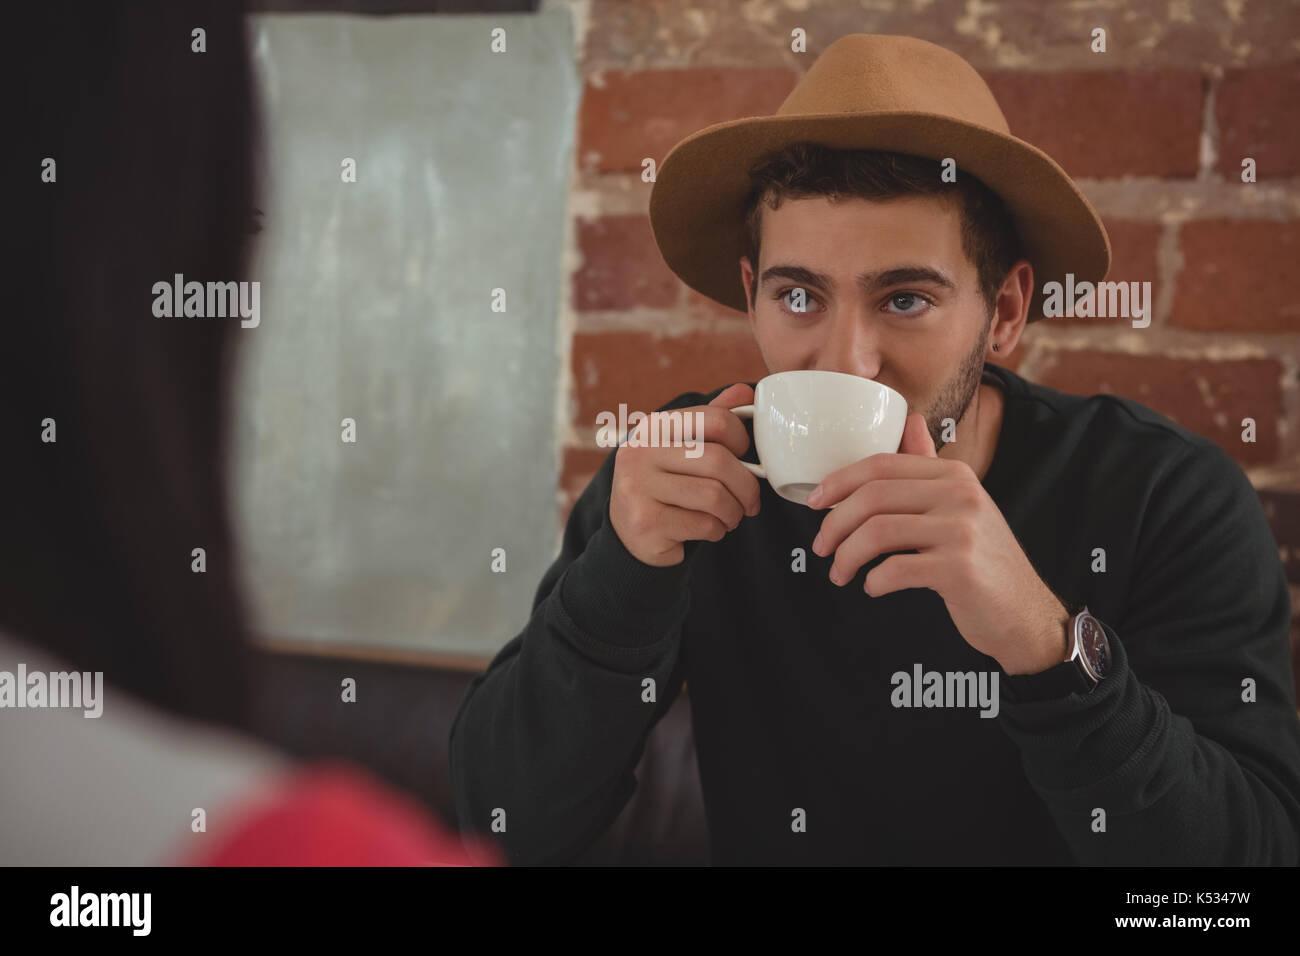 Hombre mirando joven novia bebiendo café en Imagen De Stock